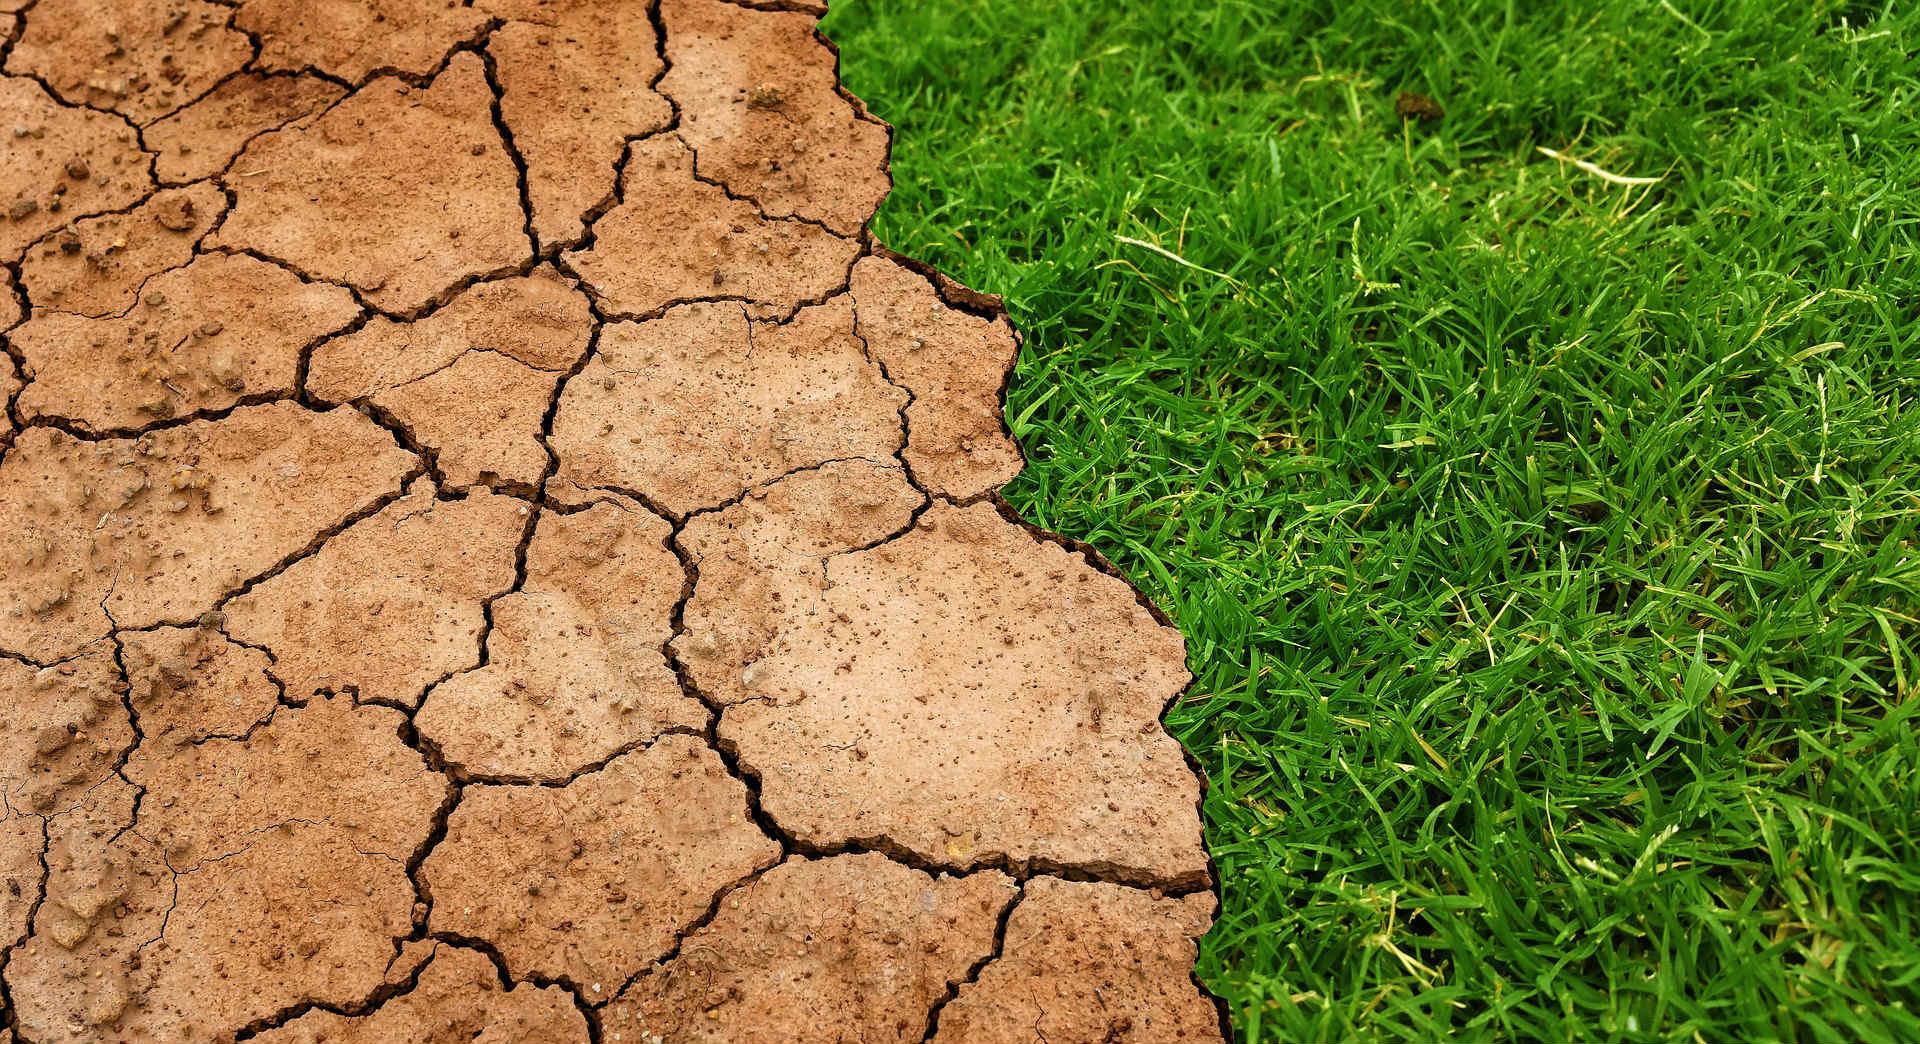 El calentamiento global producirá climas húmedo y seco más extremos